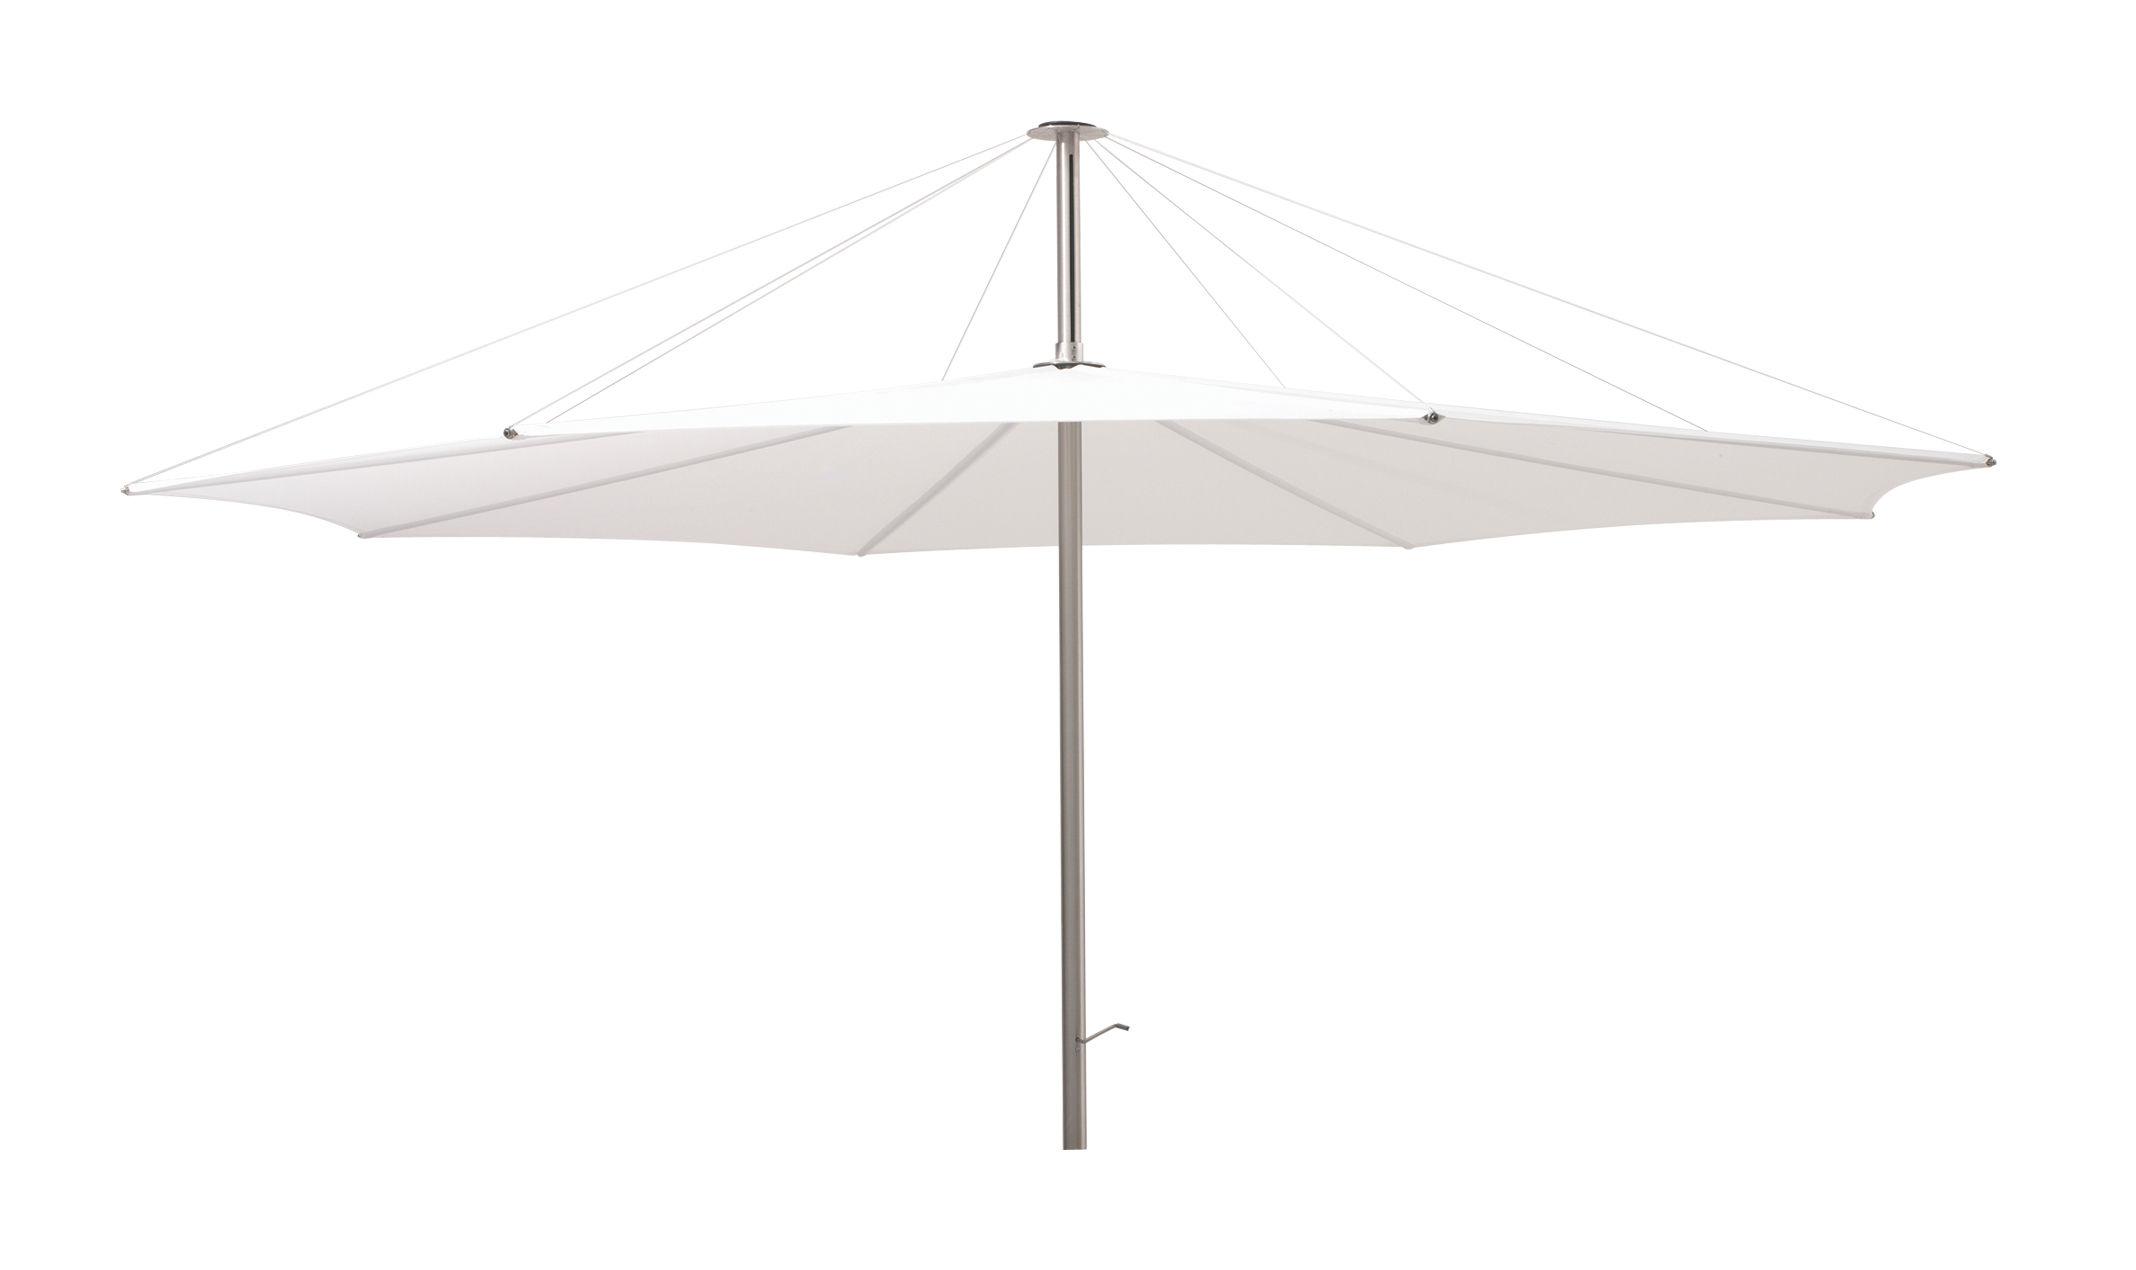 parasol inumbra 350 cm parasol blanc extremis. Black Bedroom Furniture Sets. Home Design Ideas